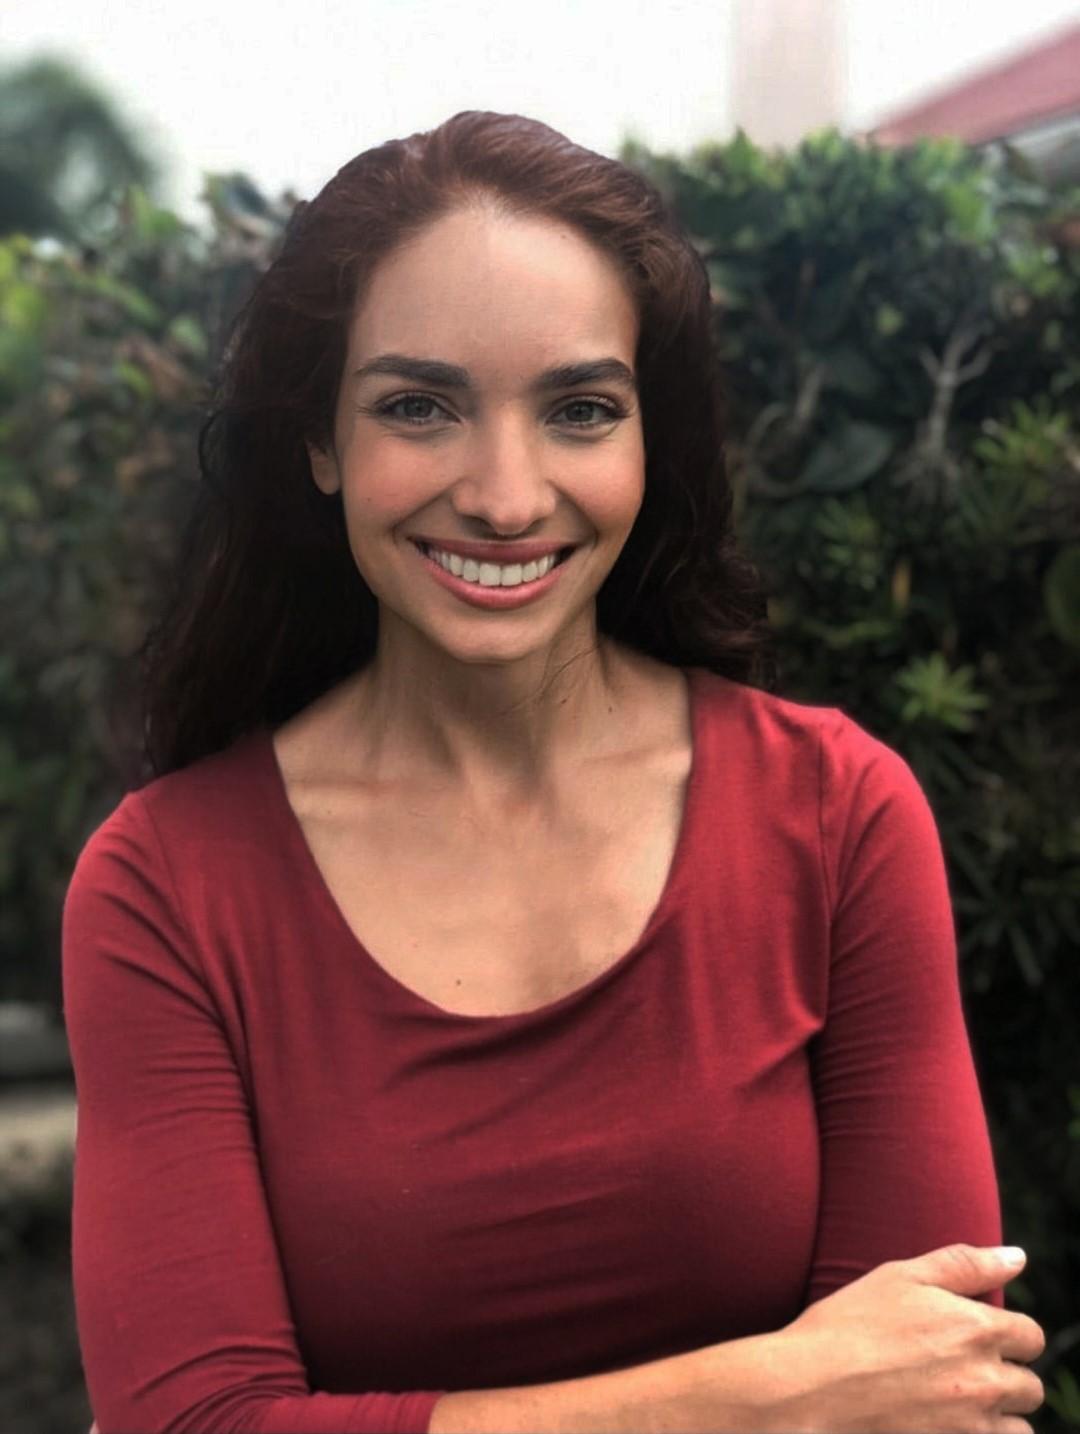 Shannon Flynn